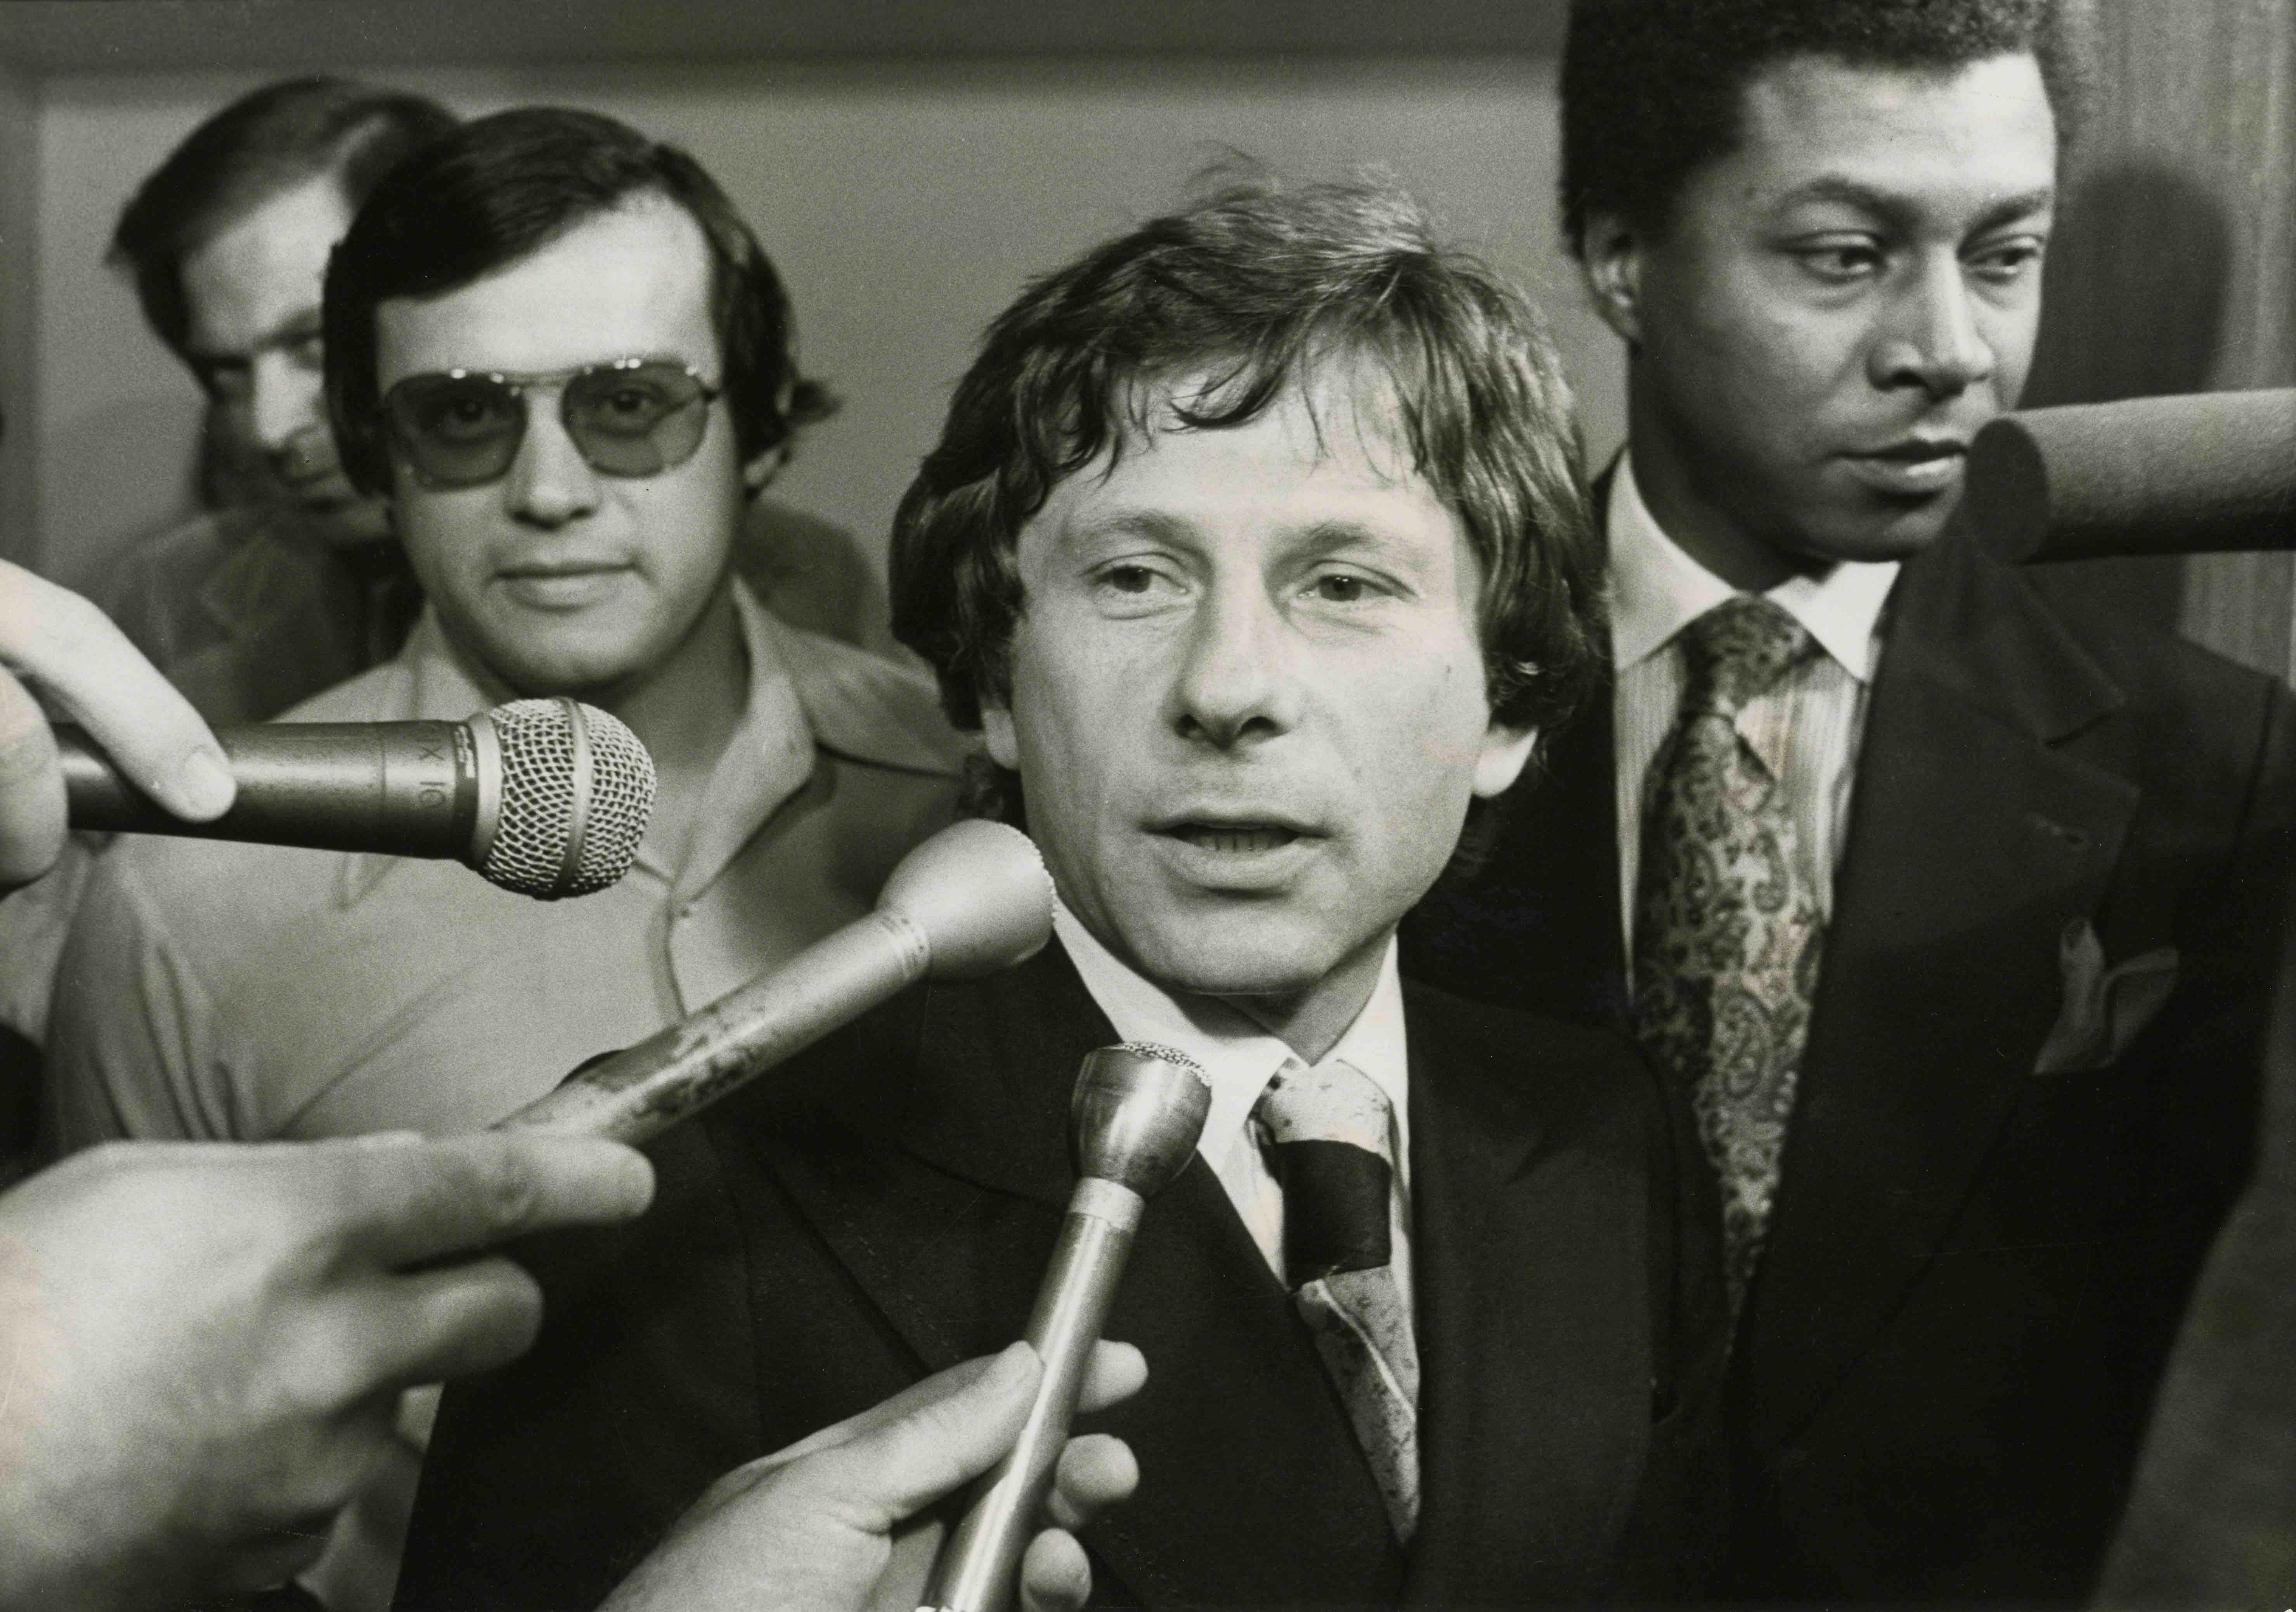 Der Vergewaltigungsfall von Roman Polanski erregte 1977 großes öffentliches Interesse